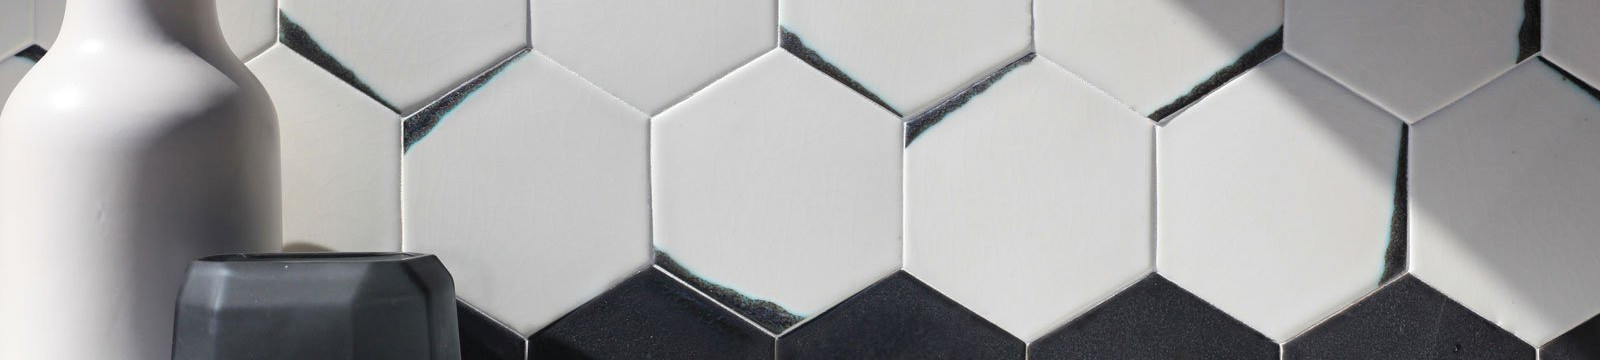 faq s on tiles concept ii tile store